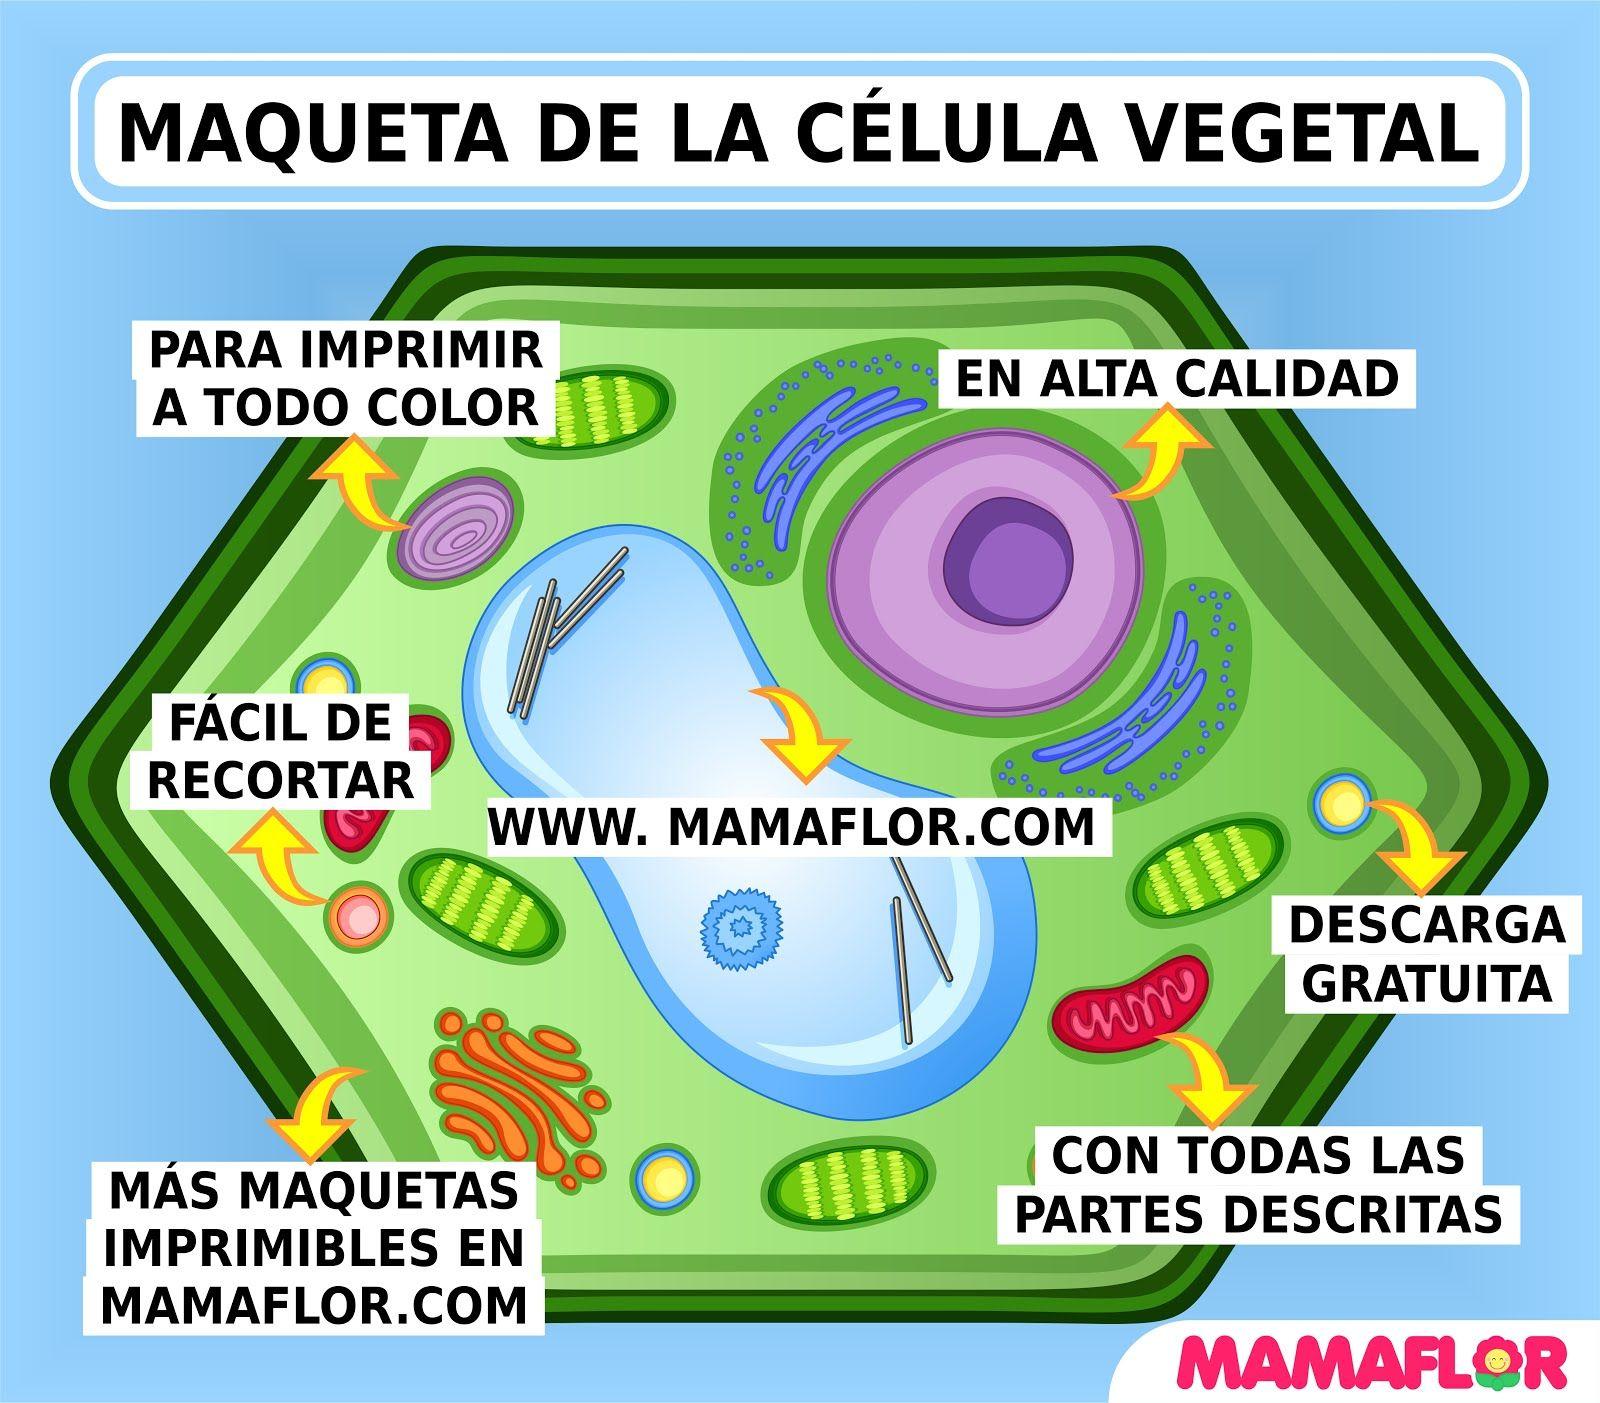 Maqueta De La Célula Vegetal Para Imprimir Célula Vegetal Maquetas De Celulas Clases De Celulas